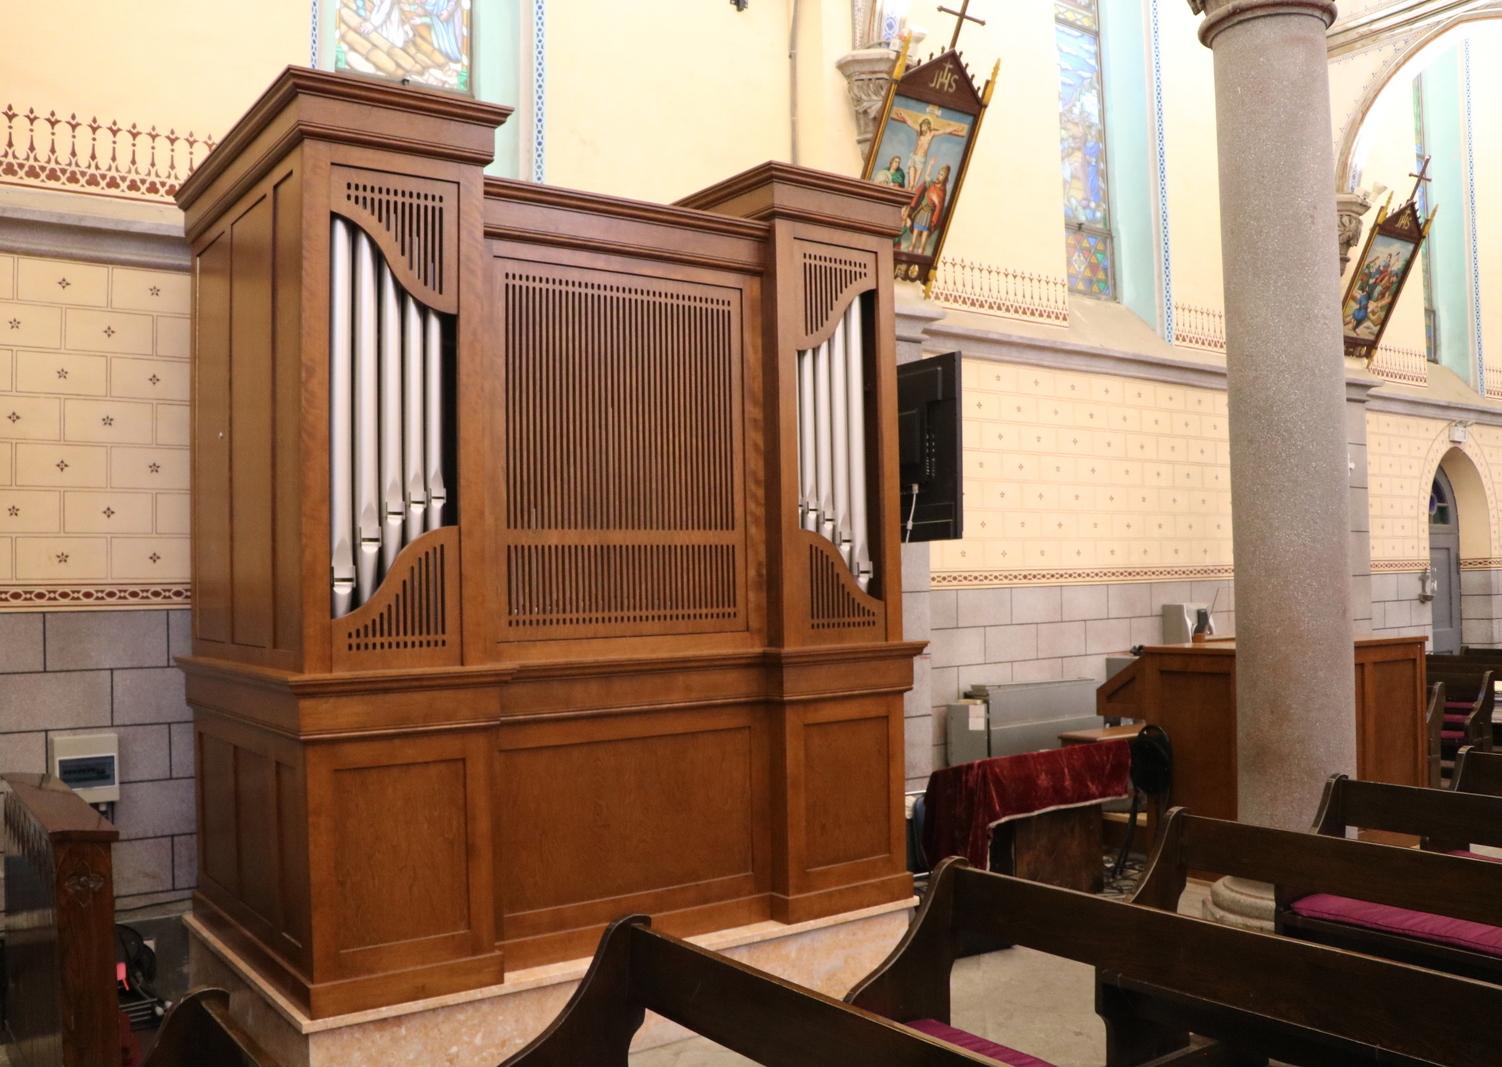 Orgue Inspiration de sept rangs installé à l'église de l'Ouest (Notre-Dame-du-Mont-Carmel) à Beijing